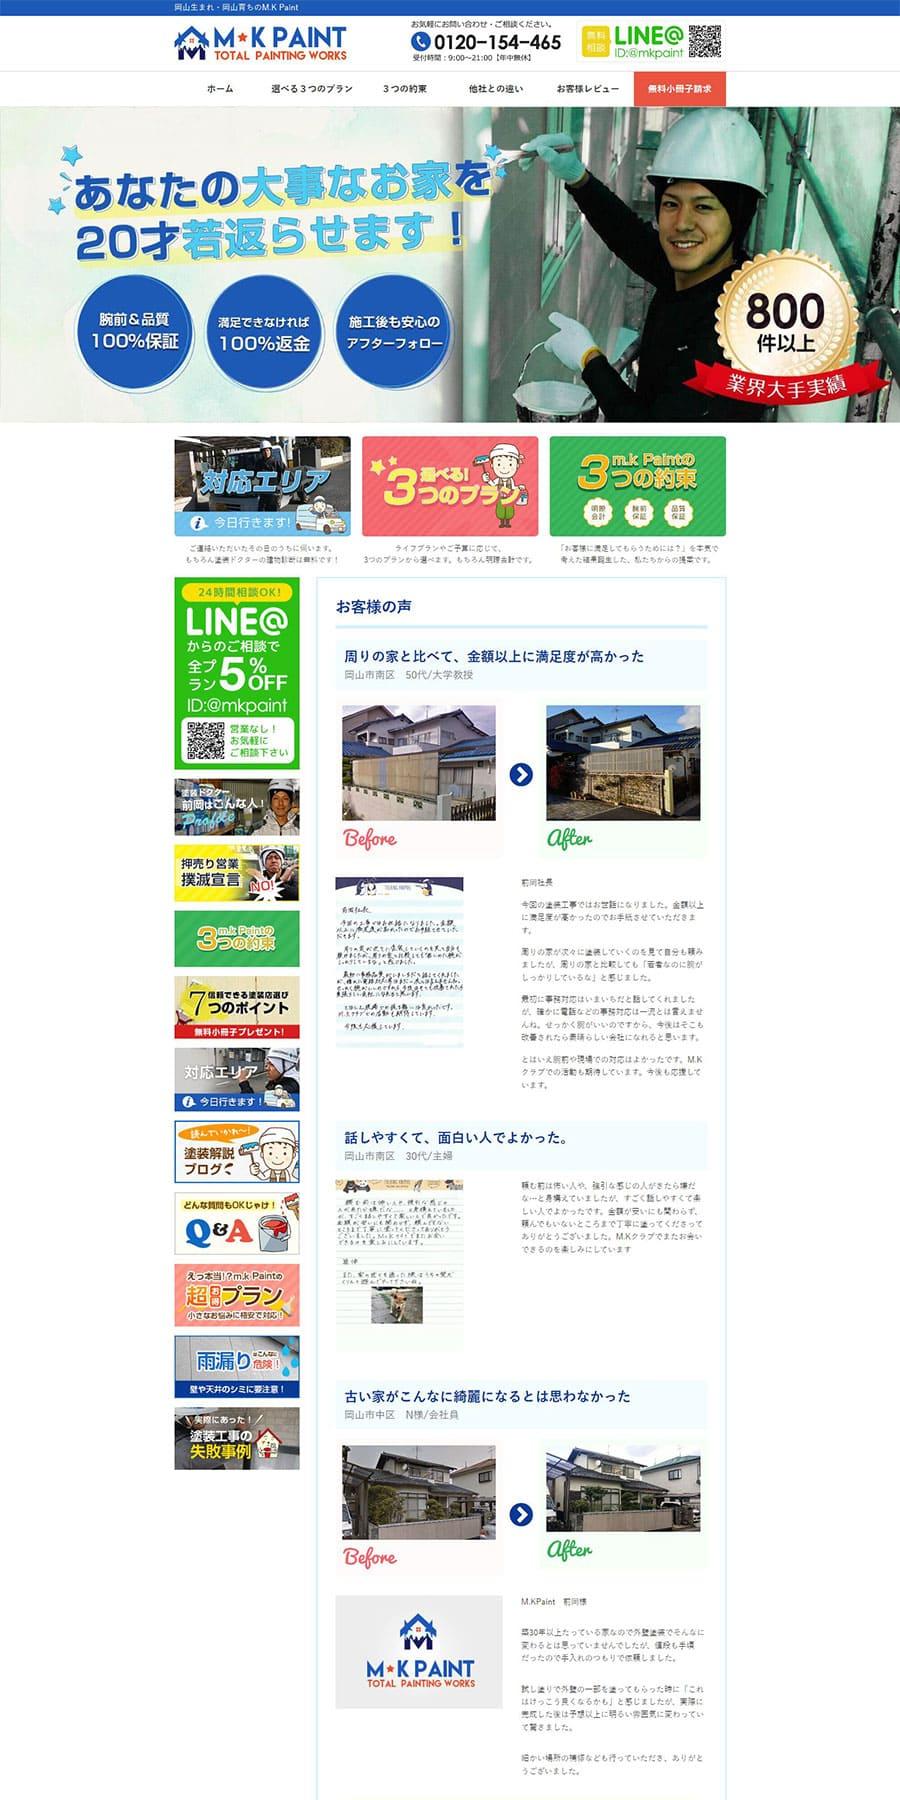 岡山県の塗装会社 ホームページ新規制作